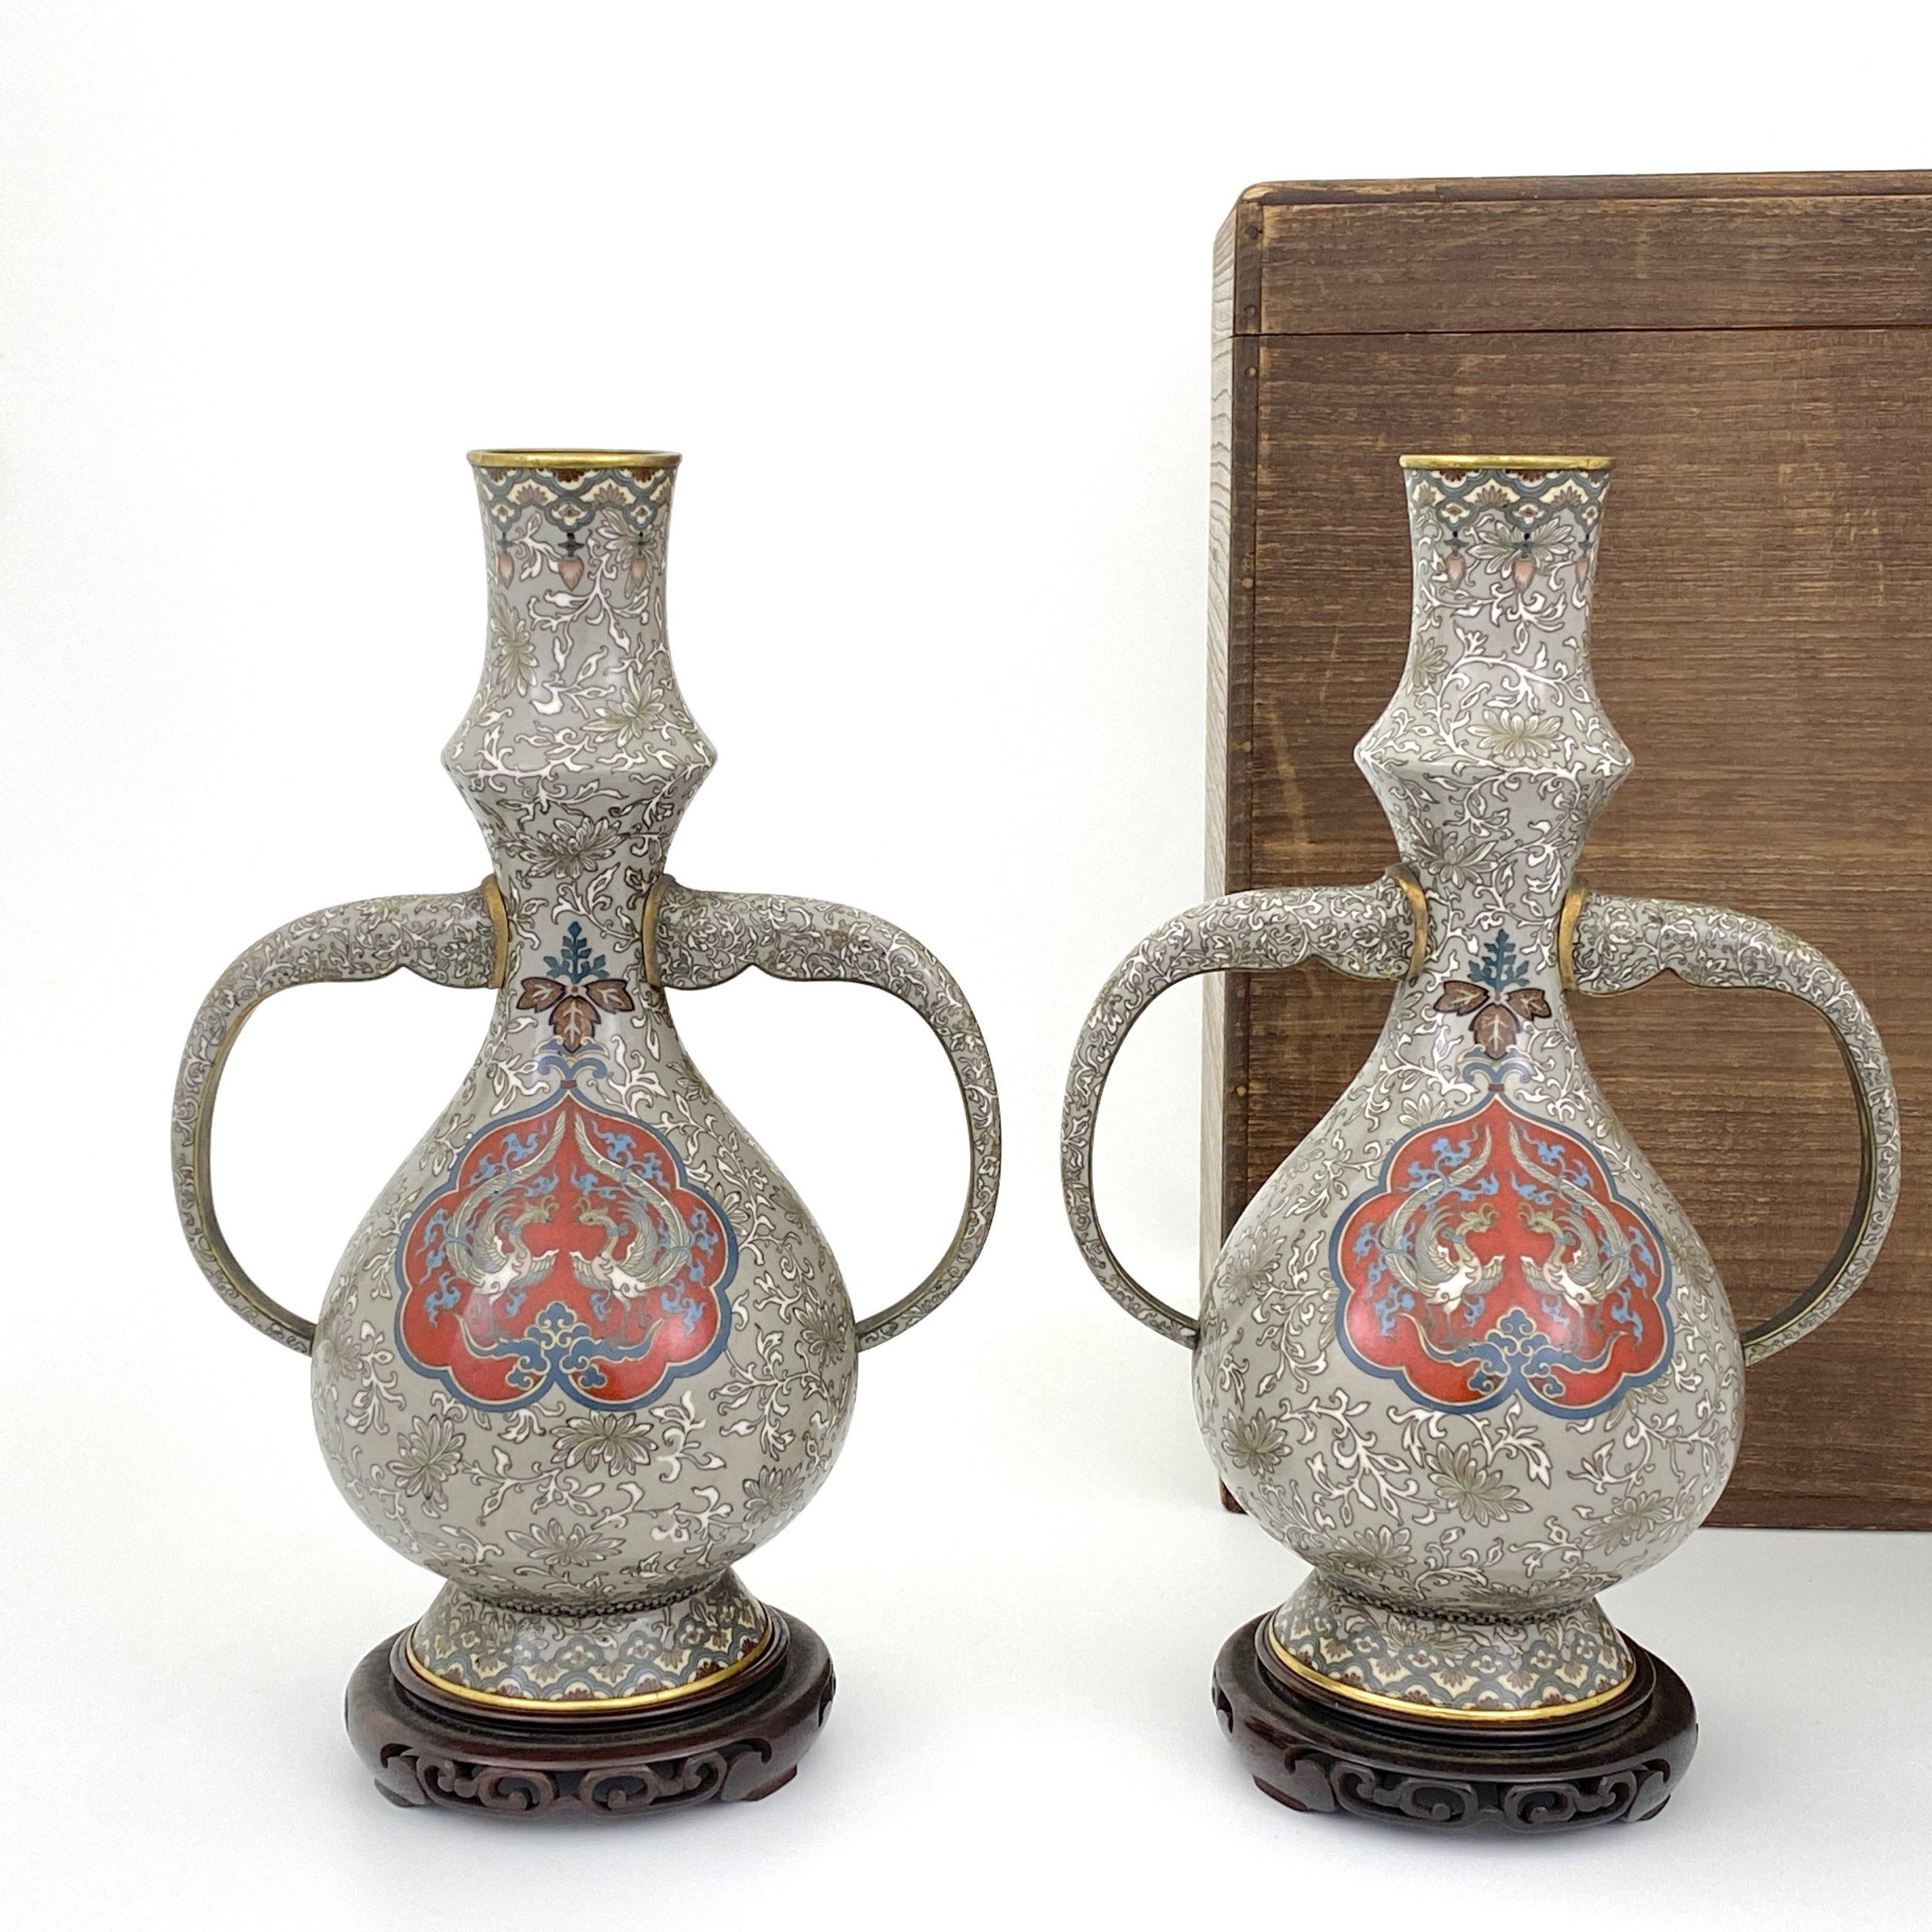 20019「安藤七宝」鳳凰紋 雙耳瓶 一対